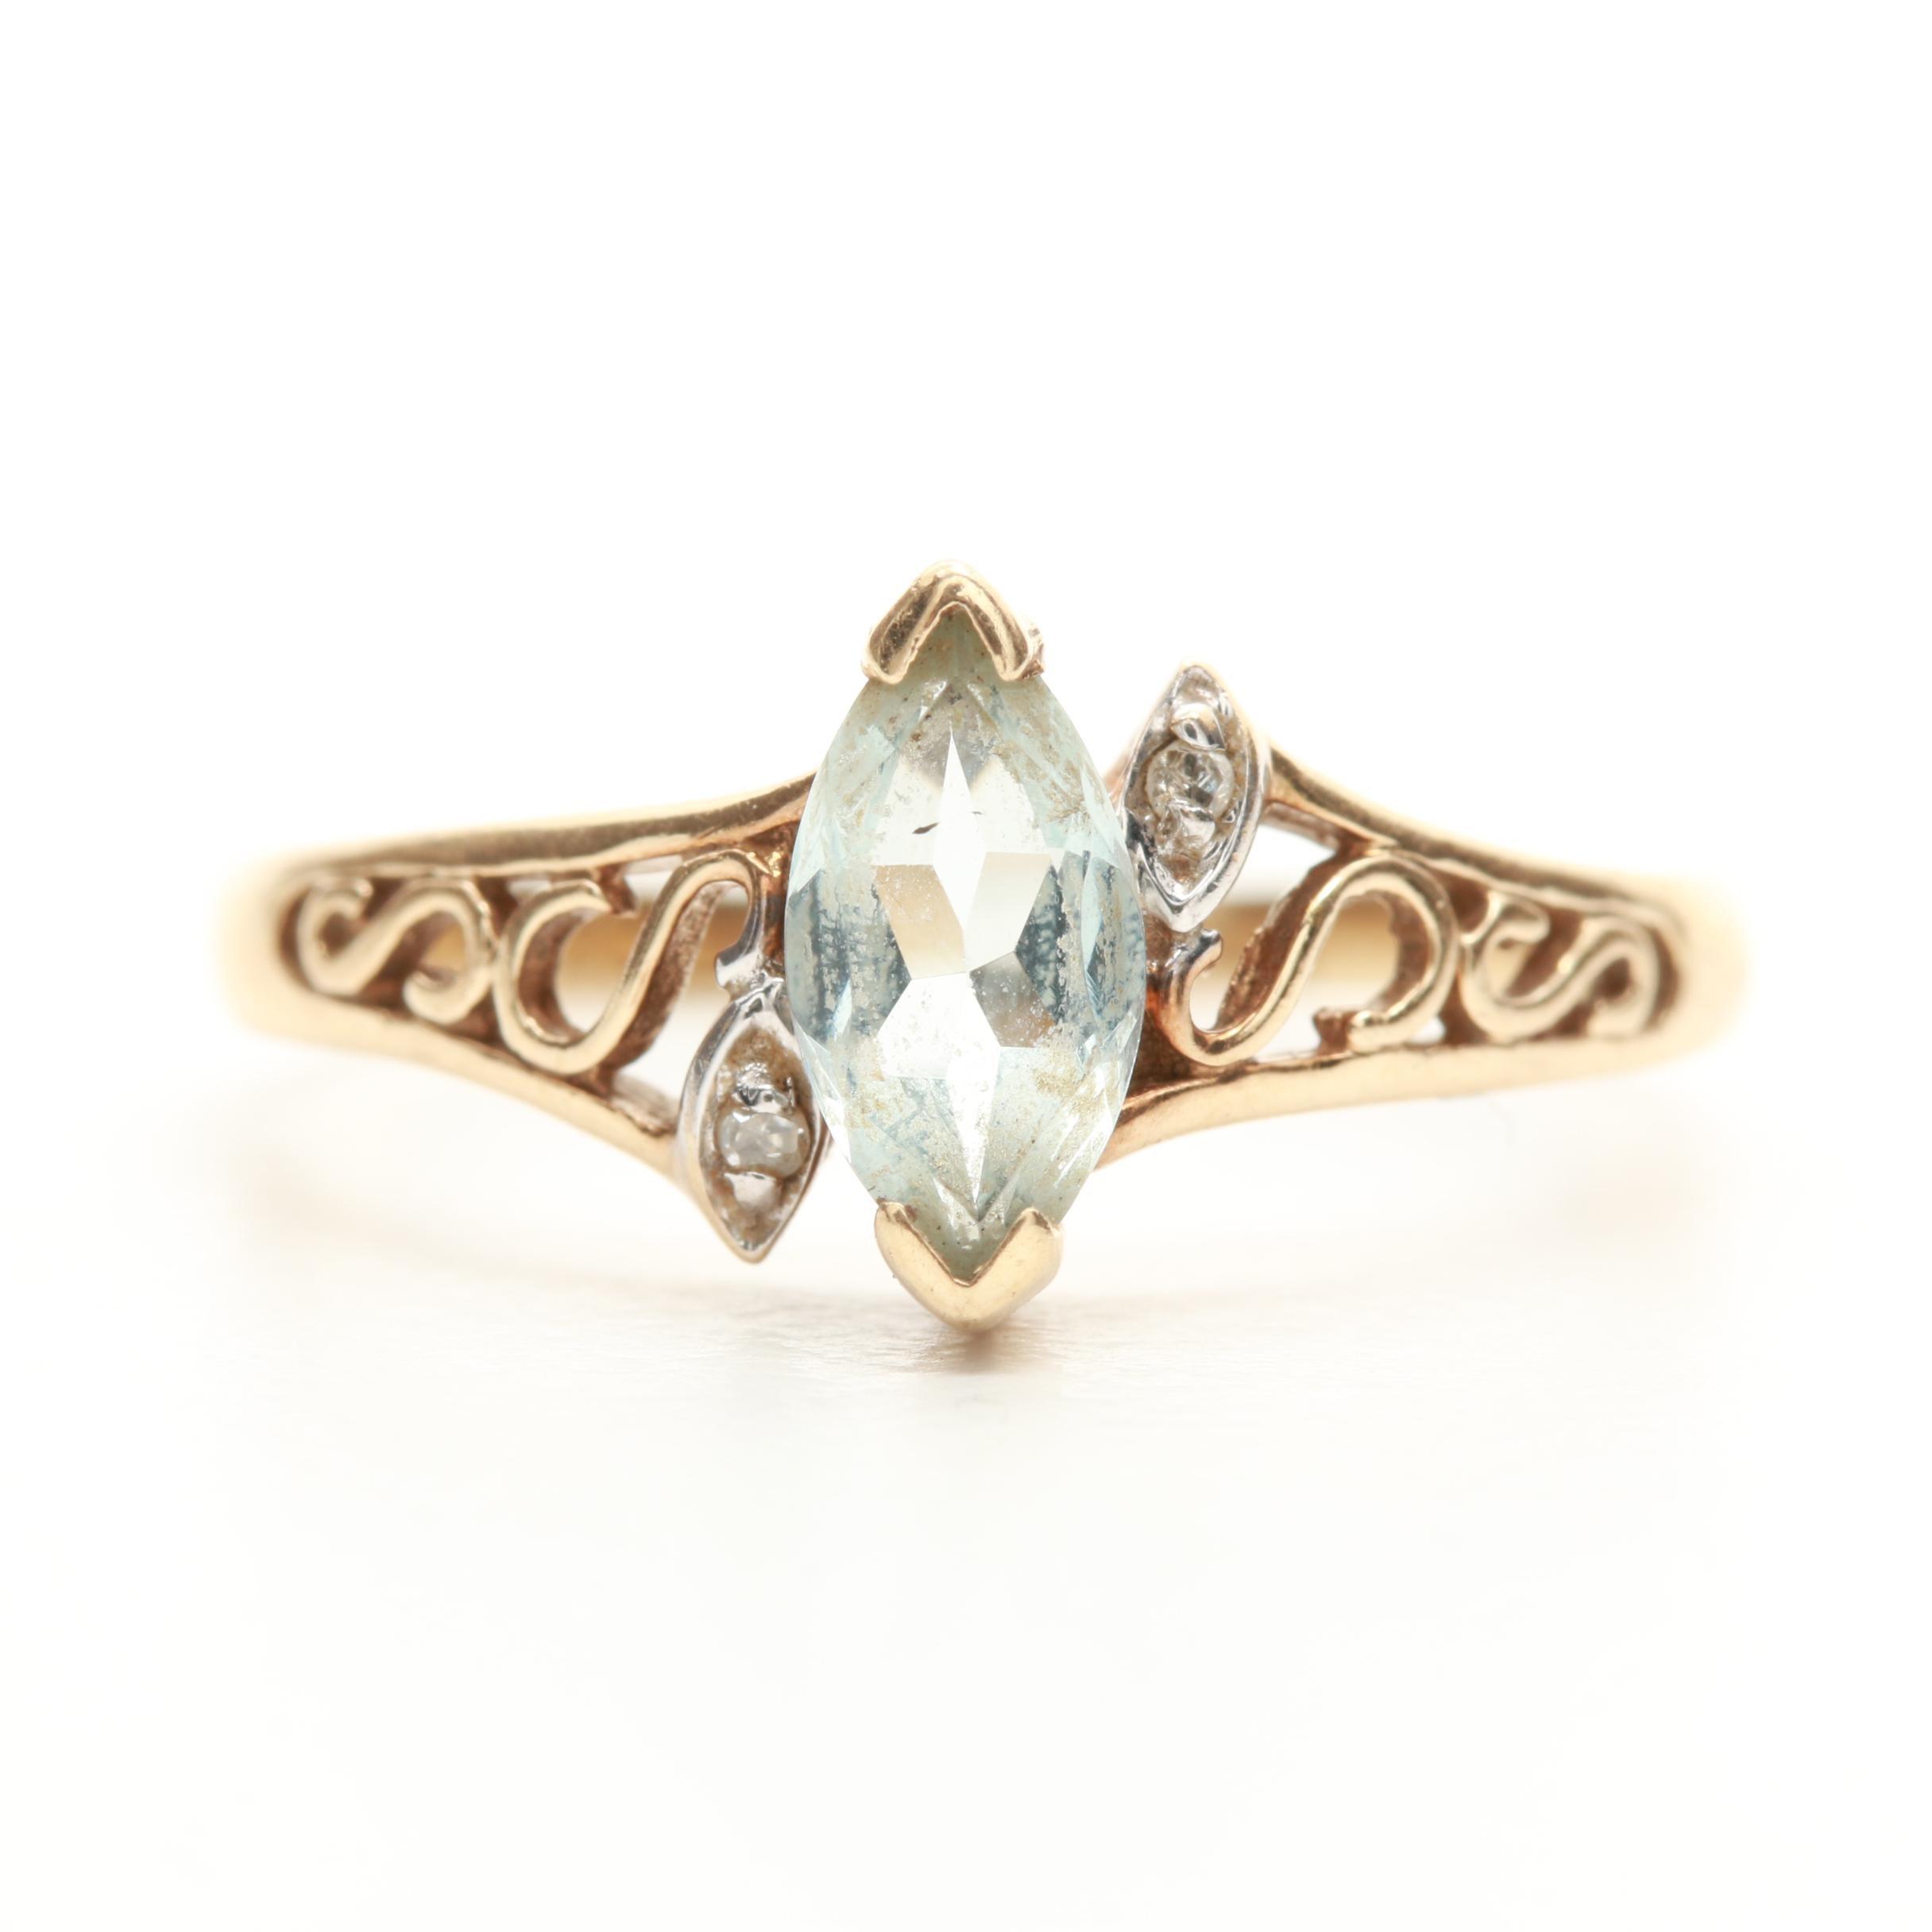 10K Yellow Gold Aquamarine and Diamond Ring